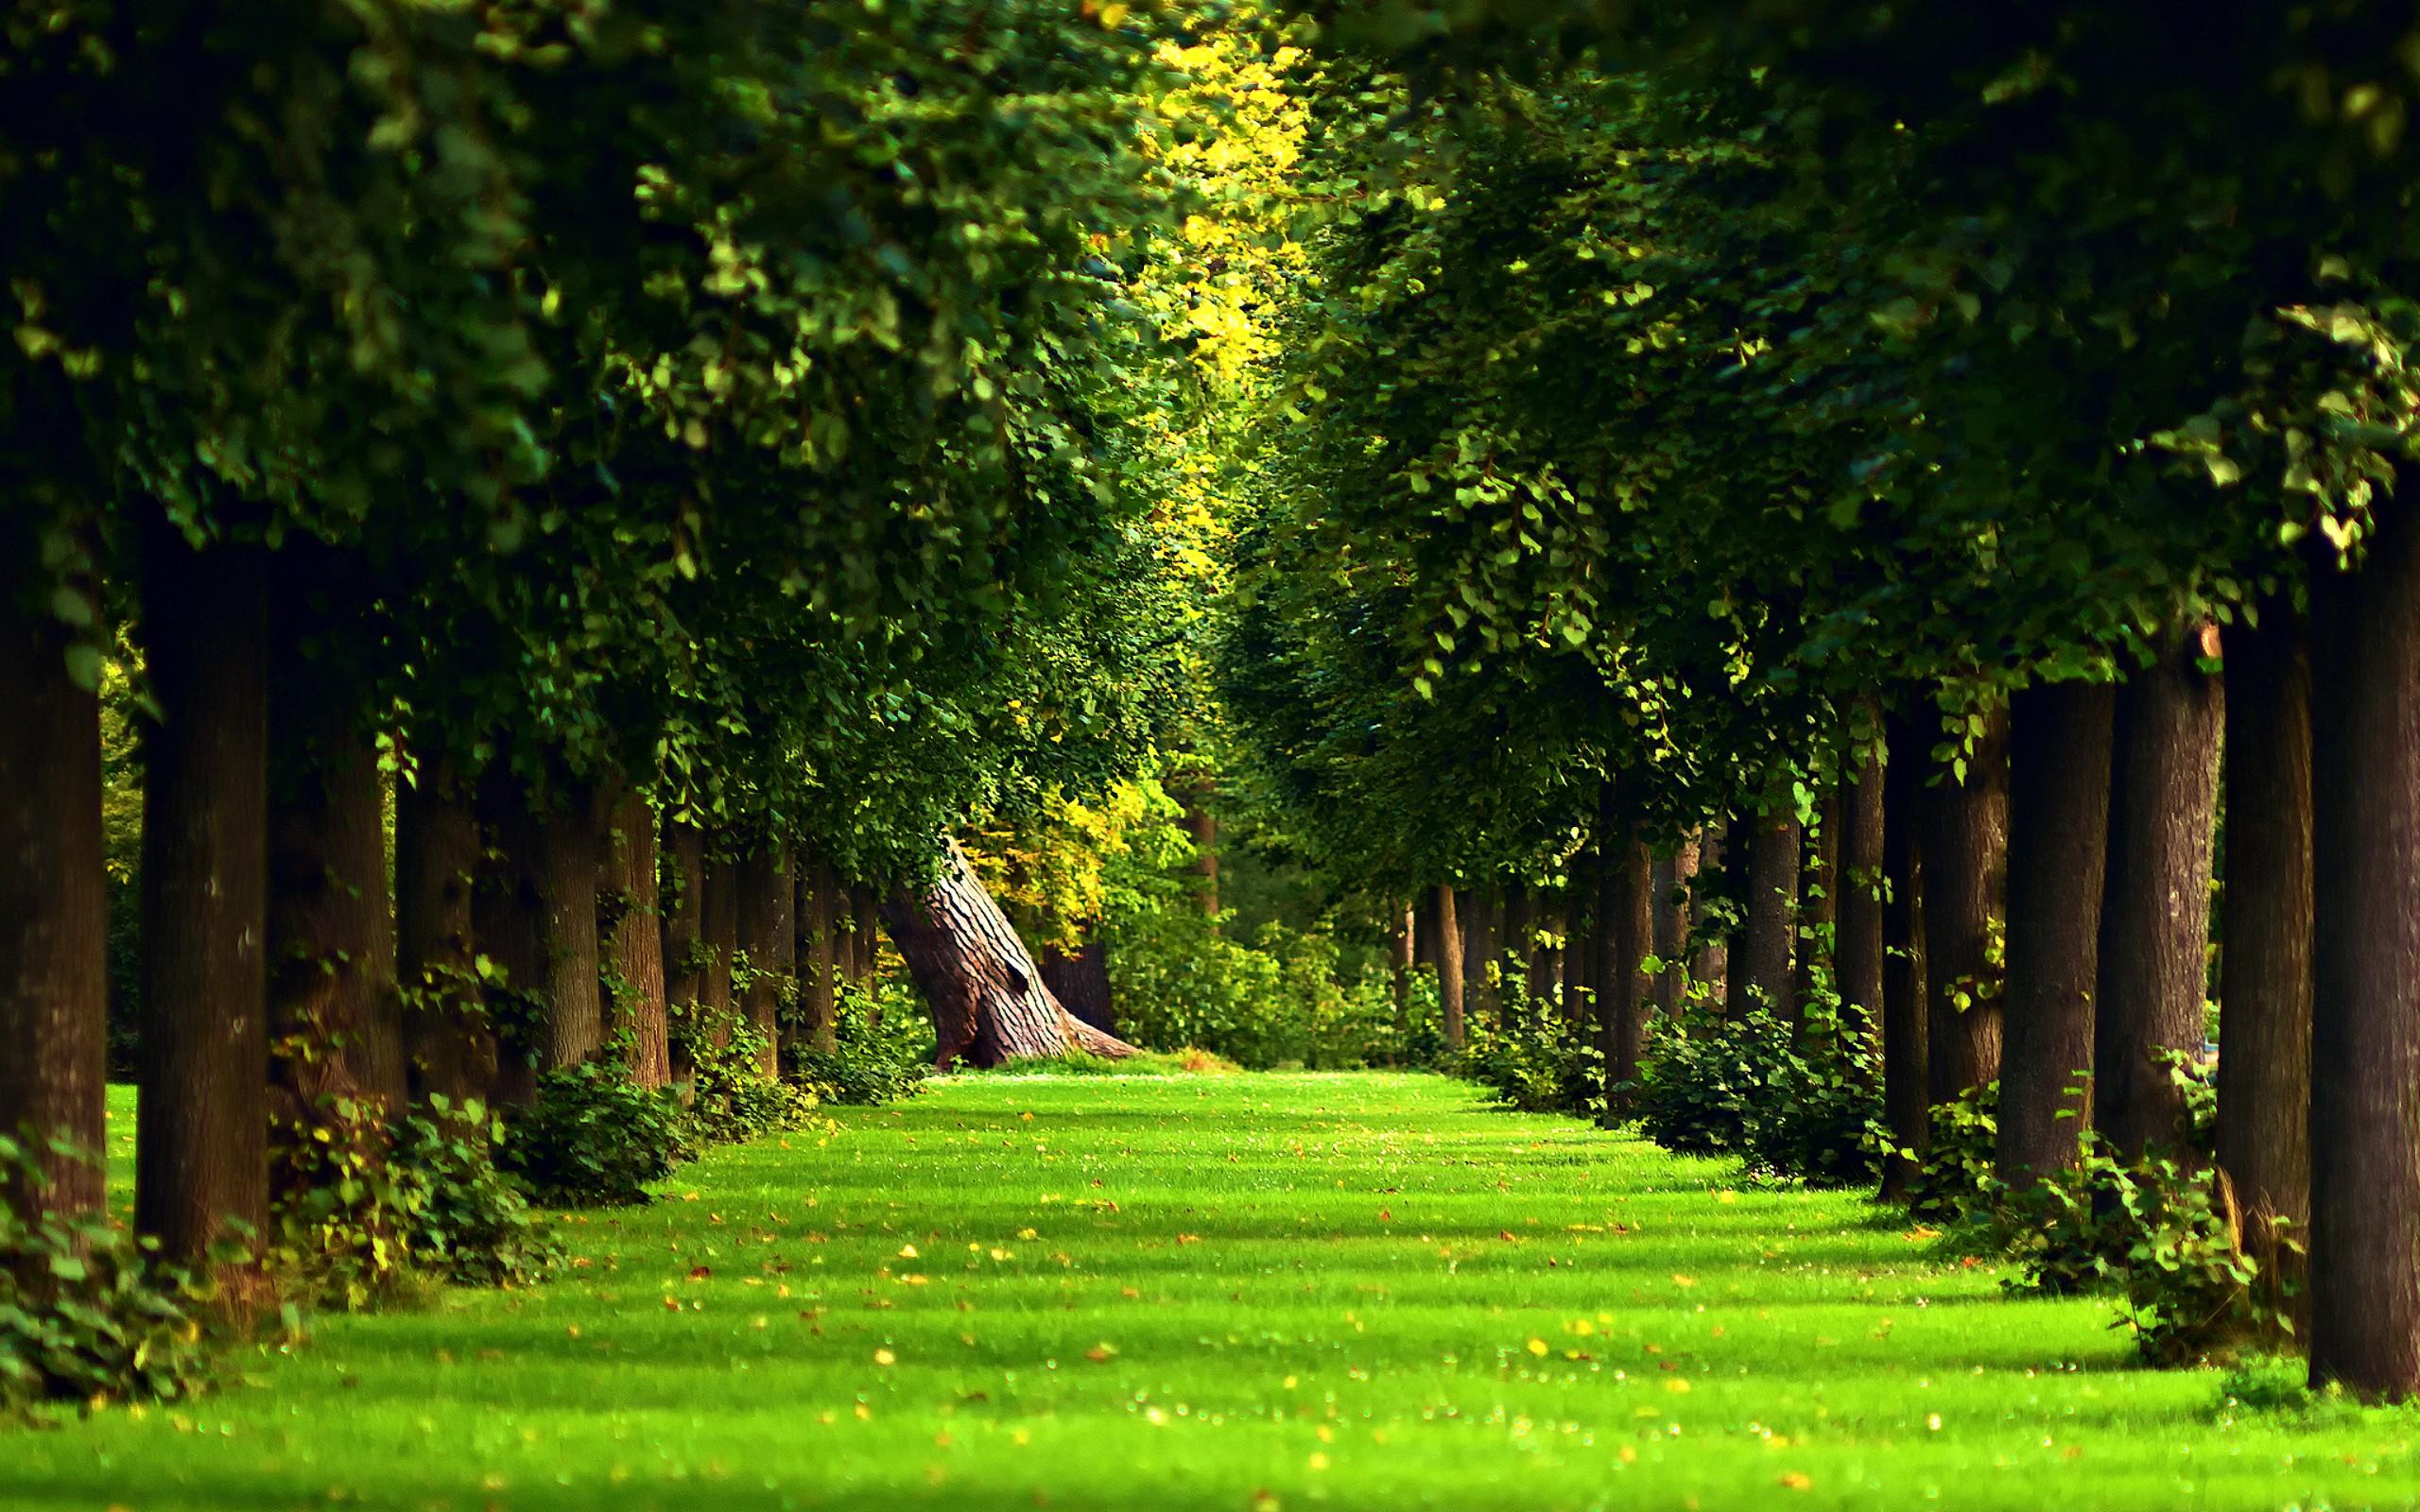 Masaüstü 2560x1600 Piksel Orman Manzara Doğa Yol Basit Arka